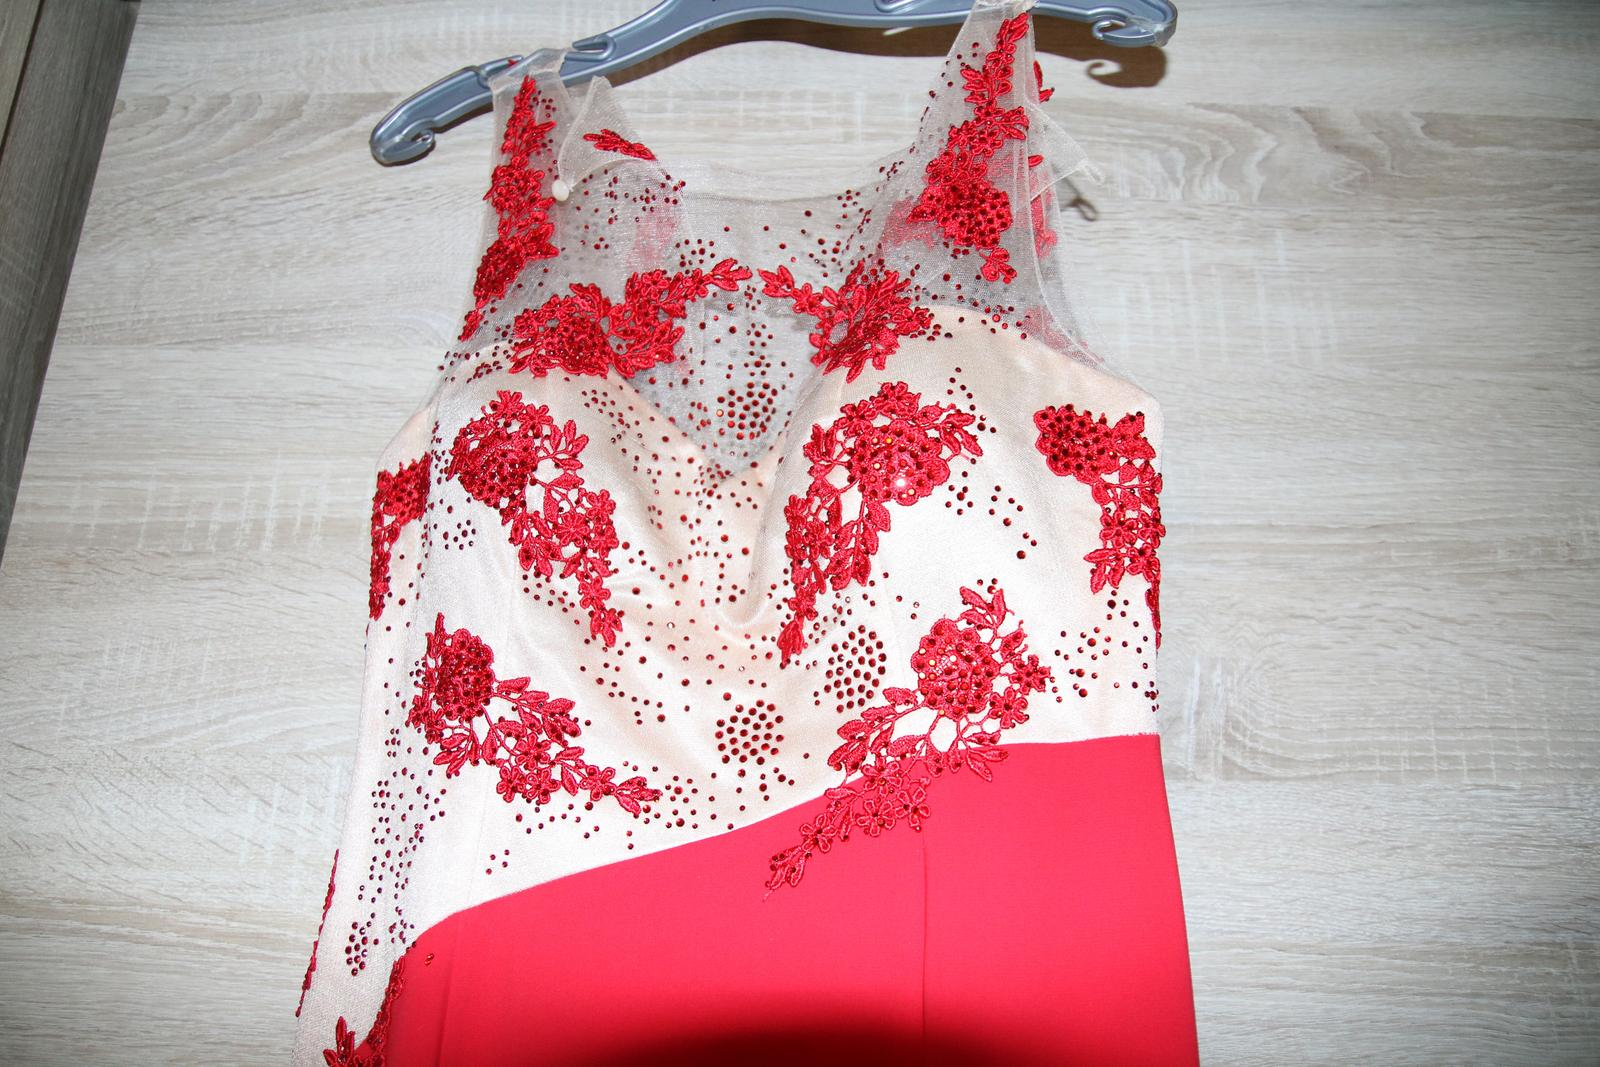 b09a5e5d6afe Dlhé červené spoločenské šaty značky piyamor